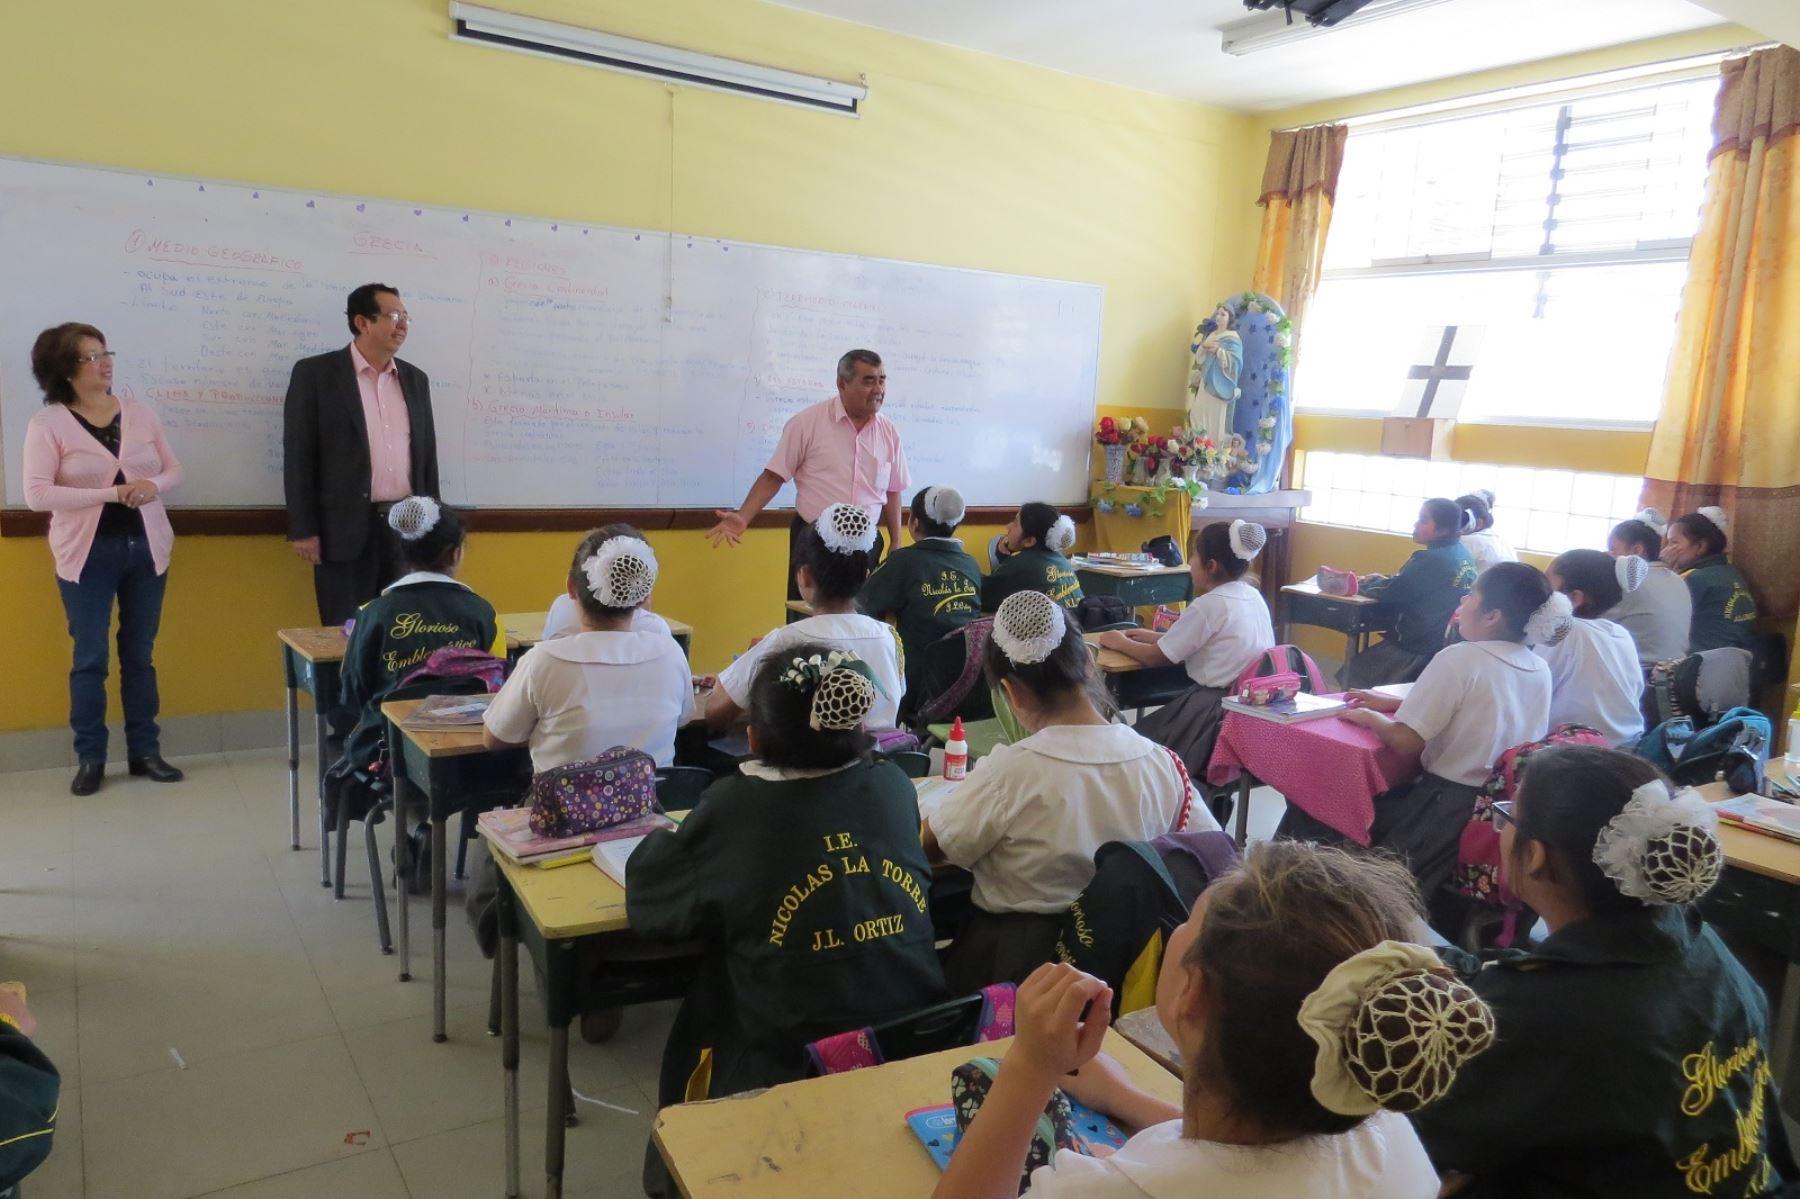 Ministerio de la Mujer y Educación firman convenio para impartir educación sexual en colegios para prevenir violación sexual y embarazos adolescentes.Foto:  ANDINA.